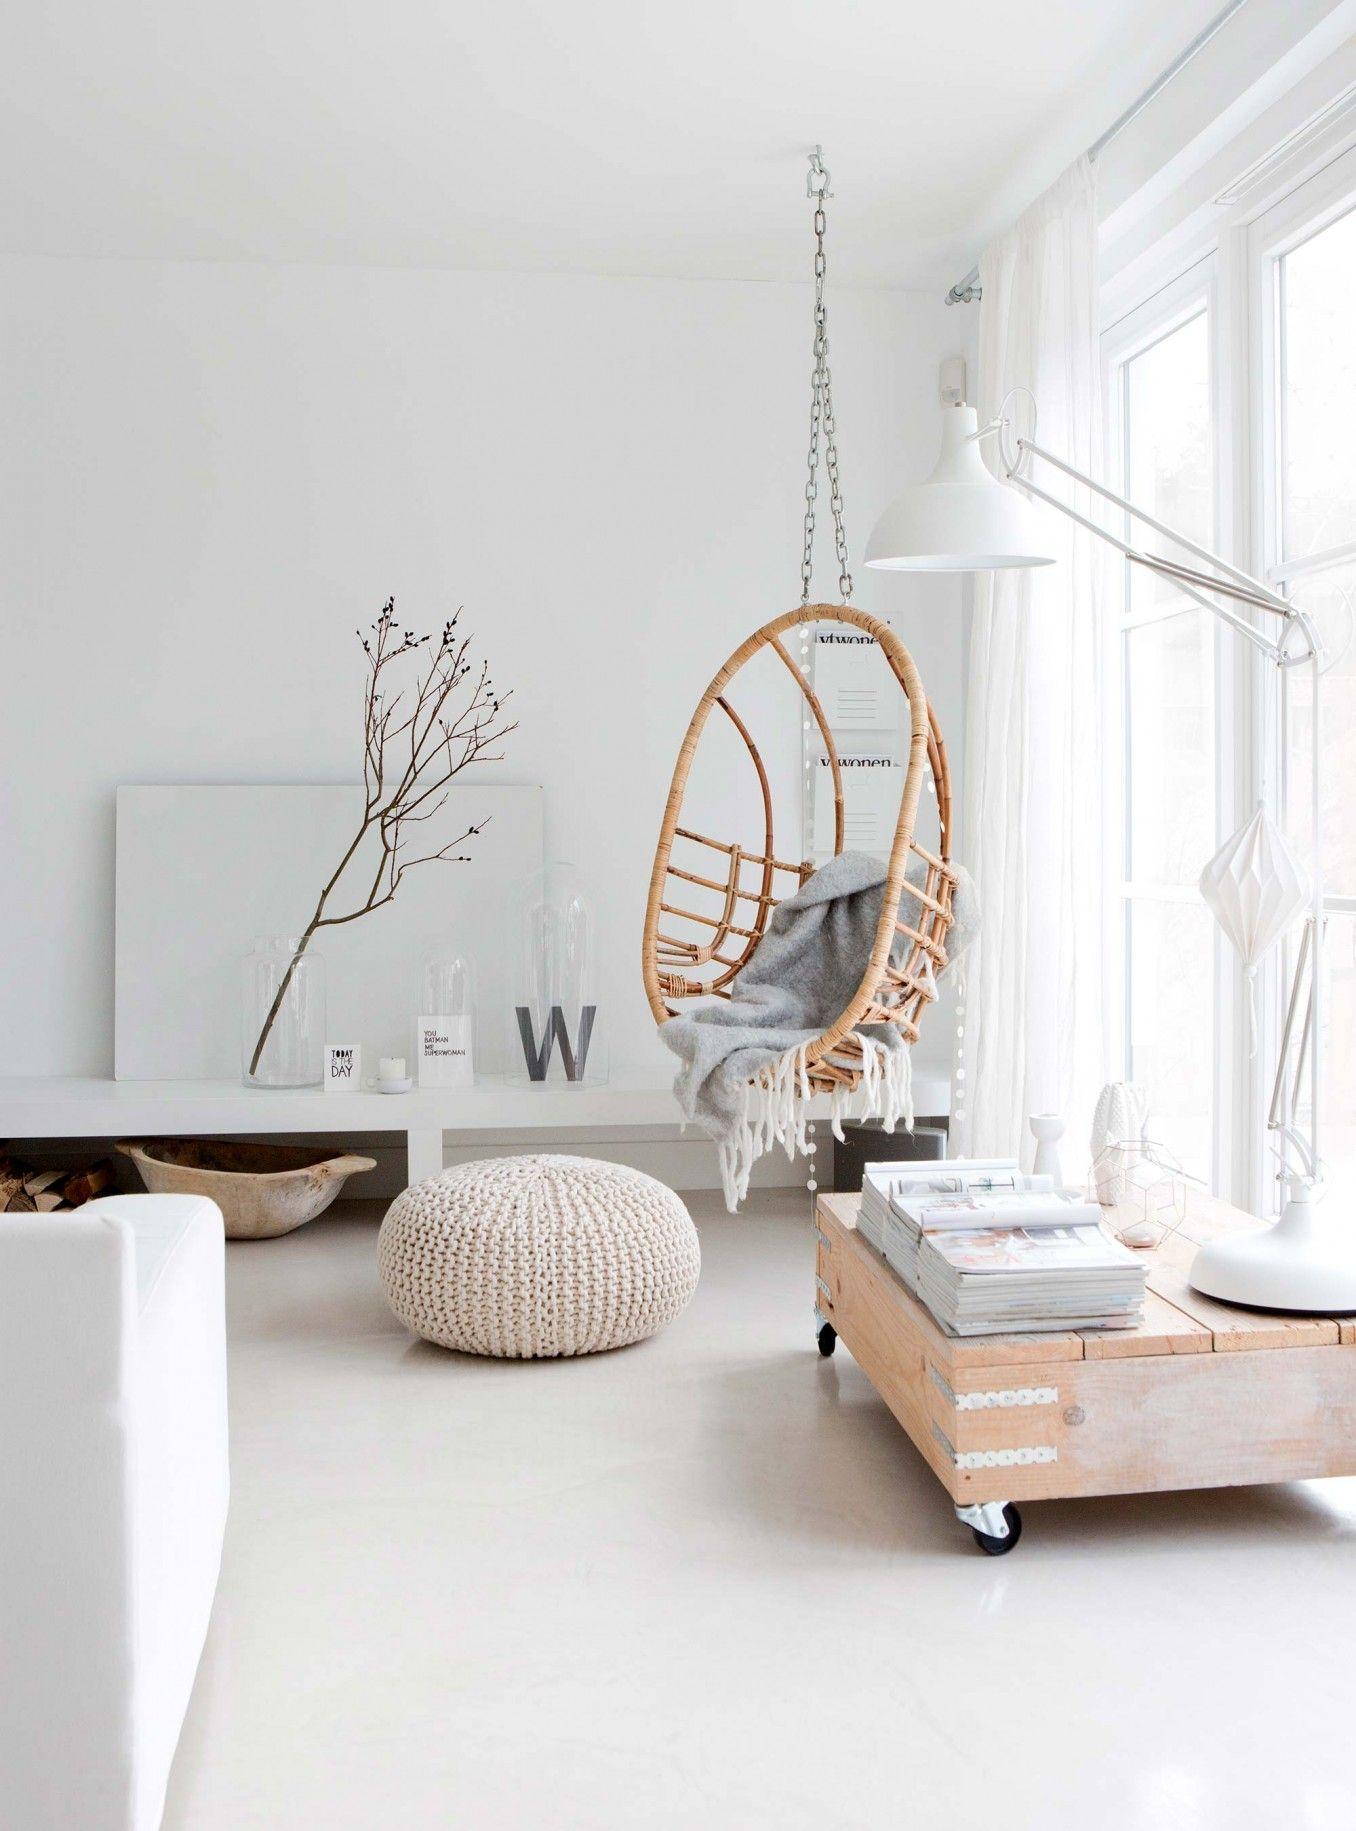 hanging chair von sika design sch ner schaukel spa im wohnzimmer htttps. Black Bedroom Furniture Sets. Home Design Ideas